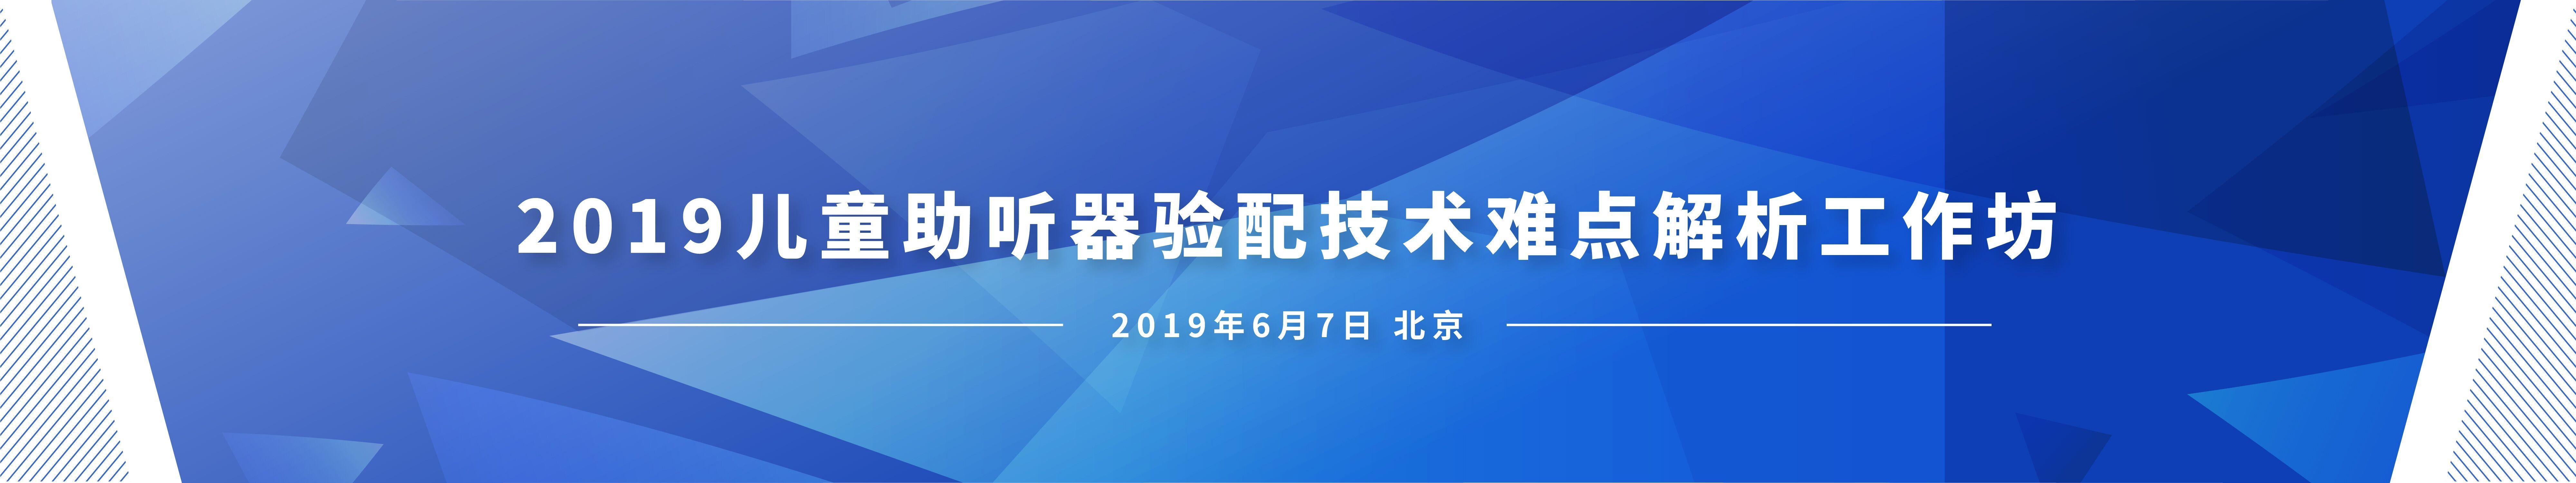 2019儿童助听器验配技术难点解析工作坊(北京)